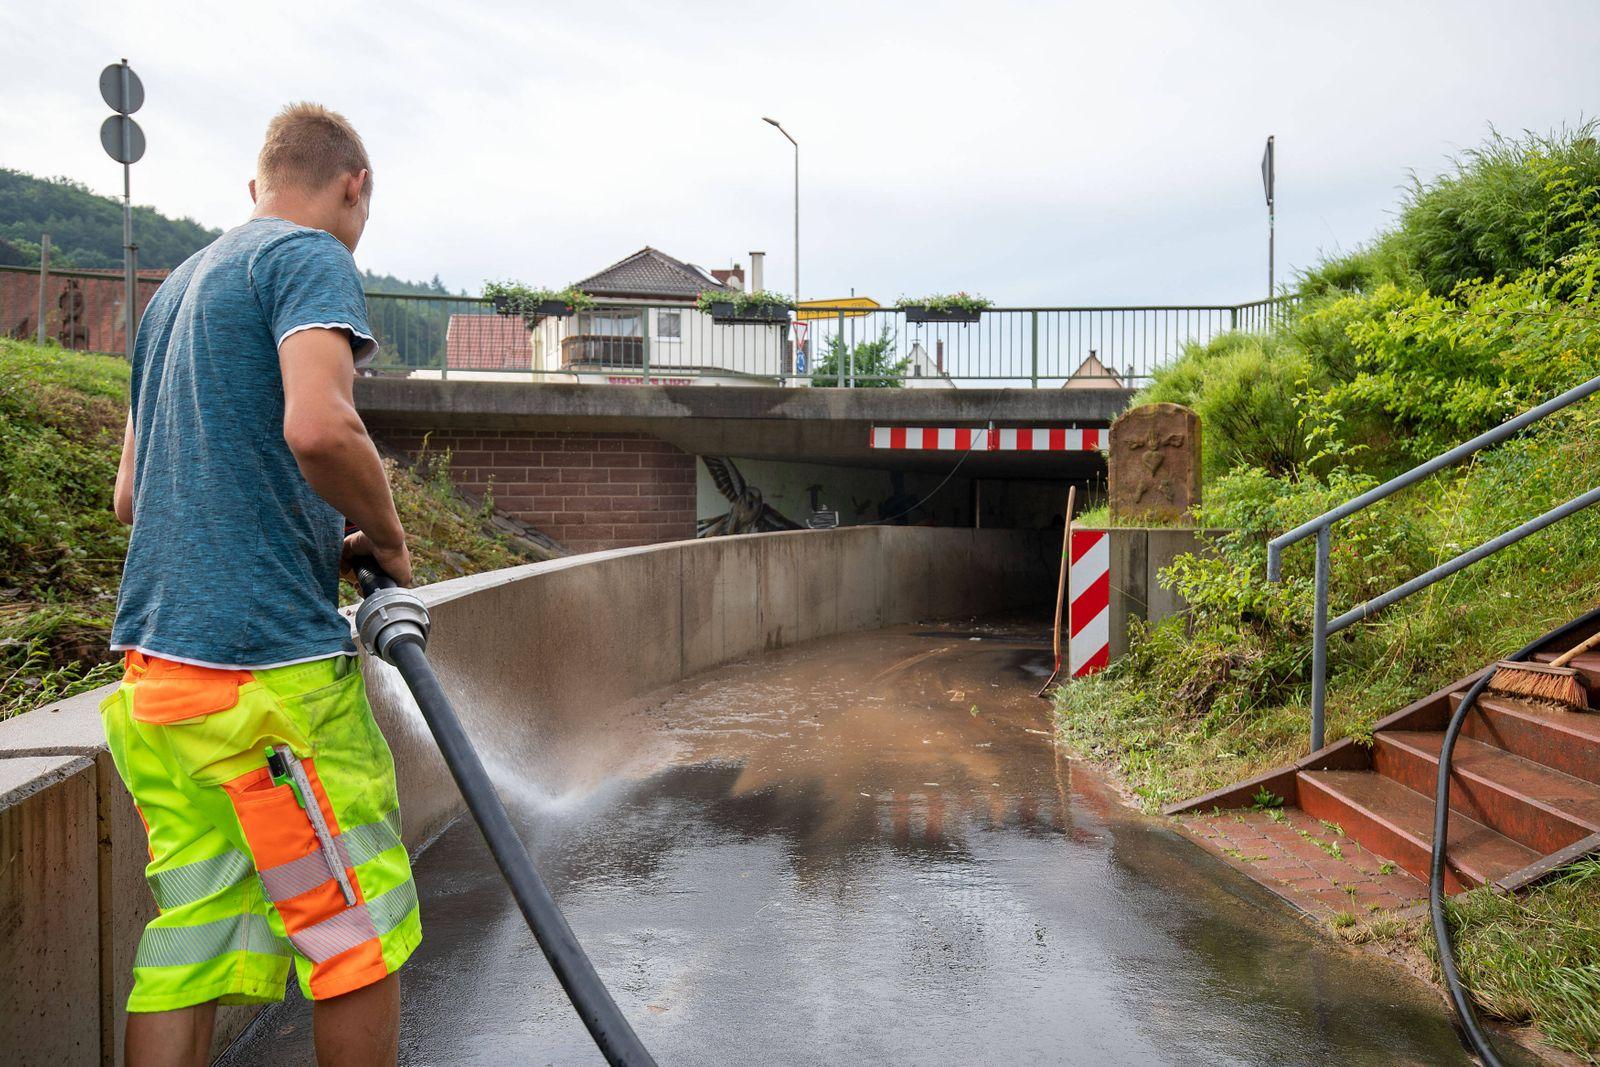 Mömlingen, Bayern am 29.Juni 2021 zum Thema: Sturmschäden in Deutschland v.l., Der Tag danach, die Freiwillige Feuerwehr